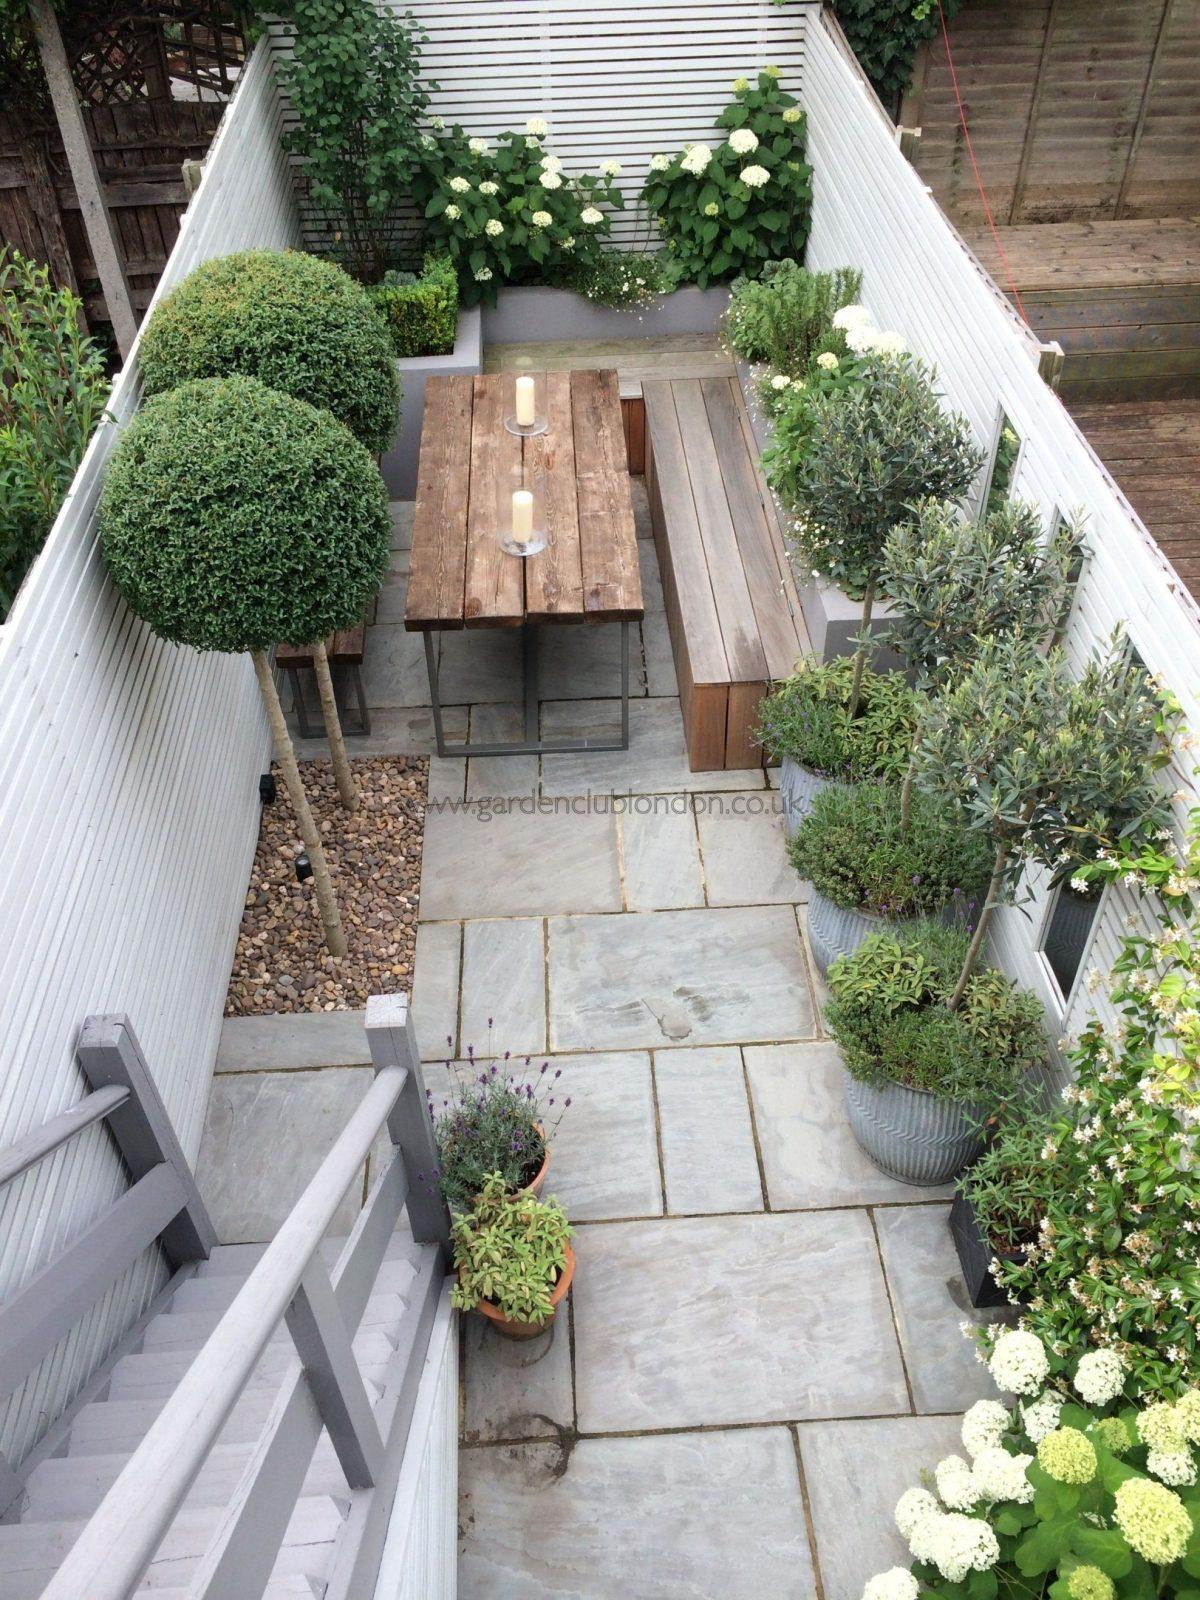 Beste Beleuchtung Wohnzimmer Landhausstil Für Terrasse Gestalten von Terrasse Im Landhausstil Gestalten Photo